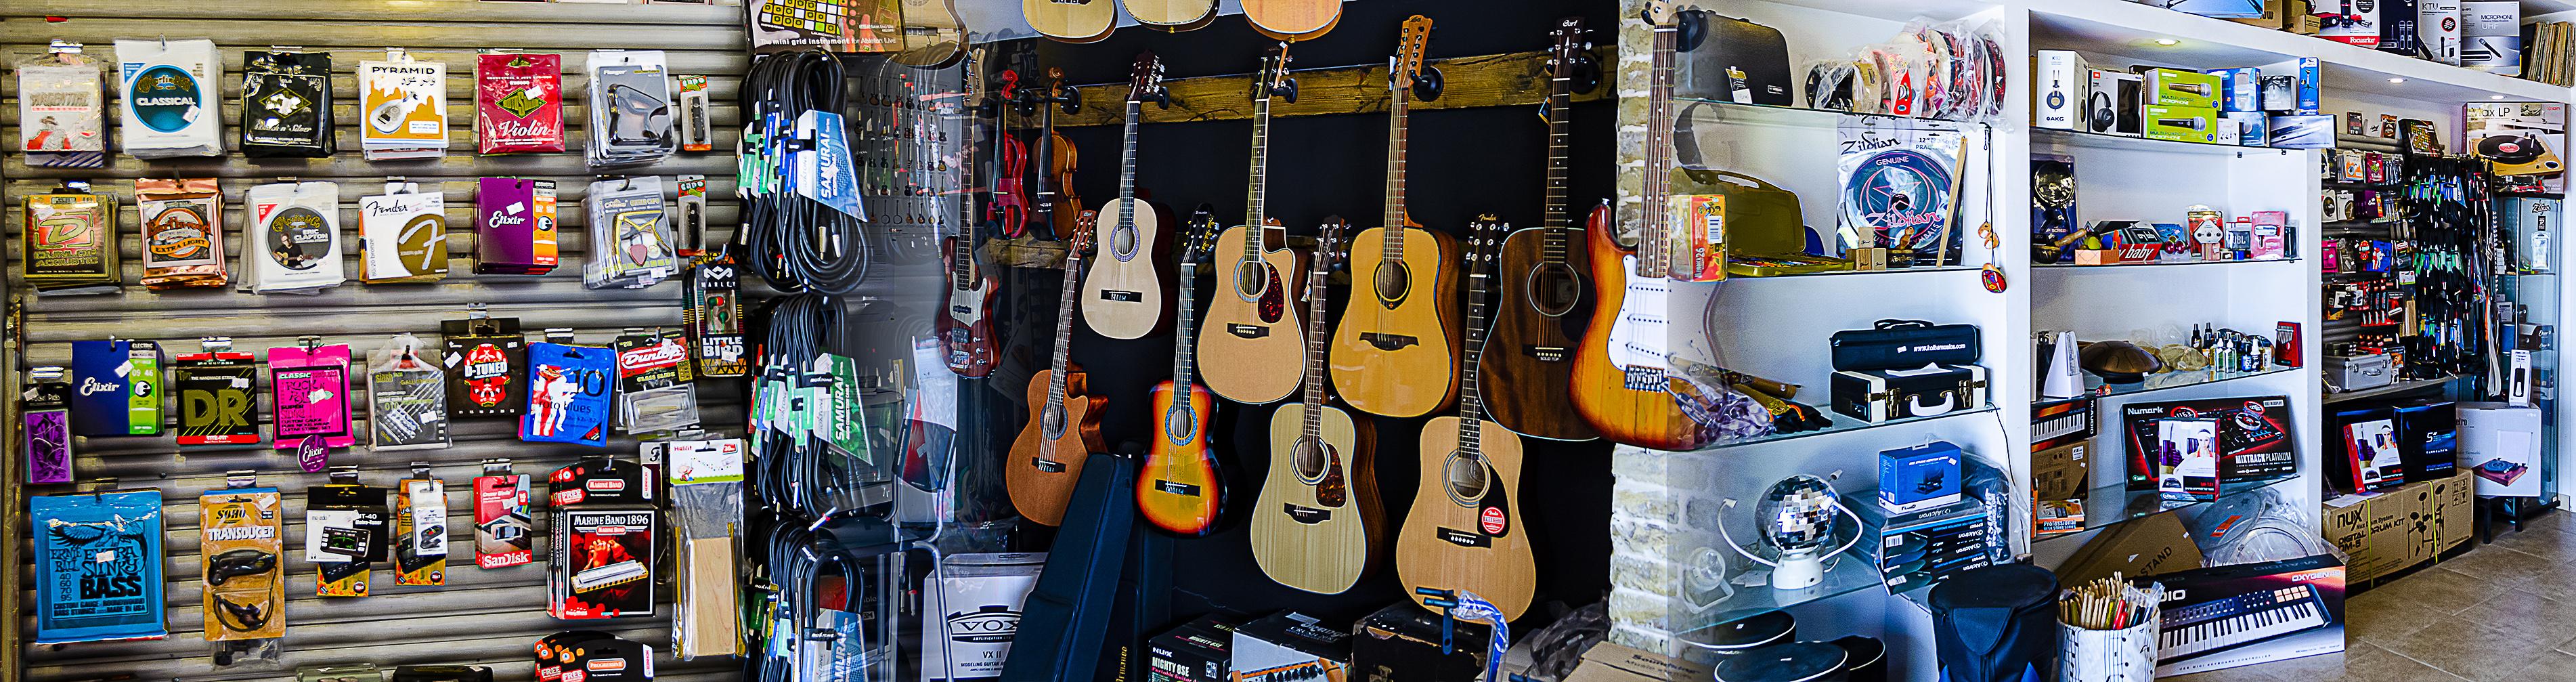 חנות מוזיקה וכלי נגינה